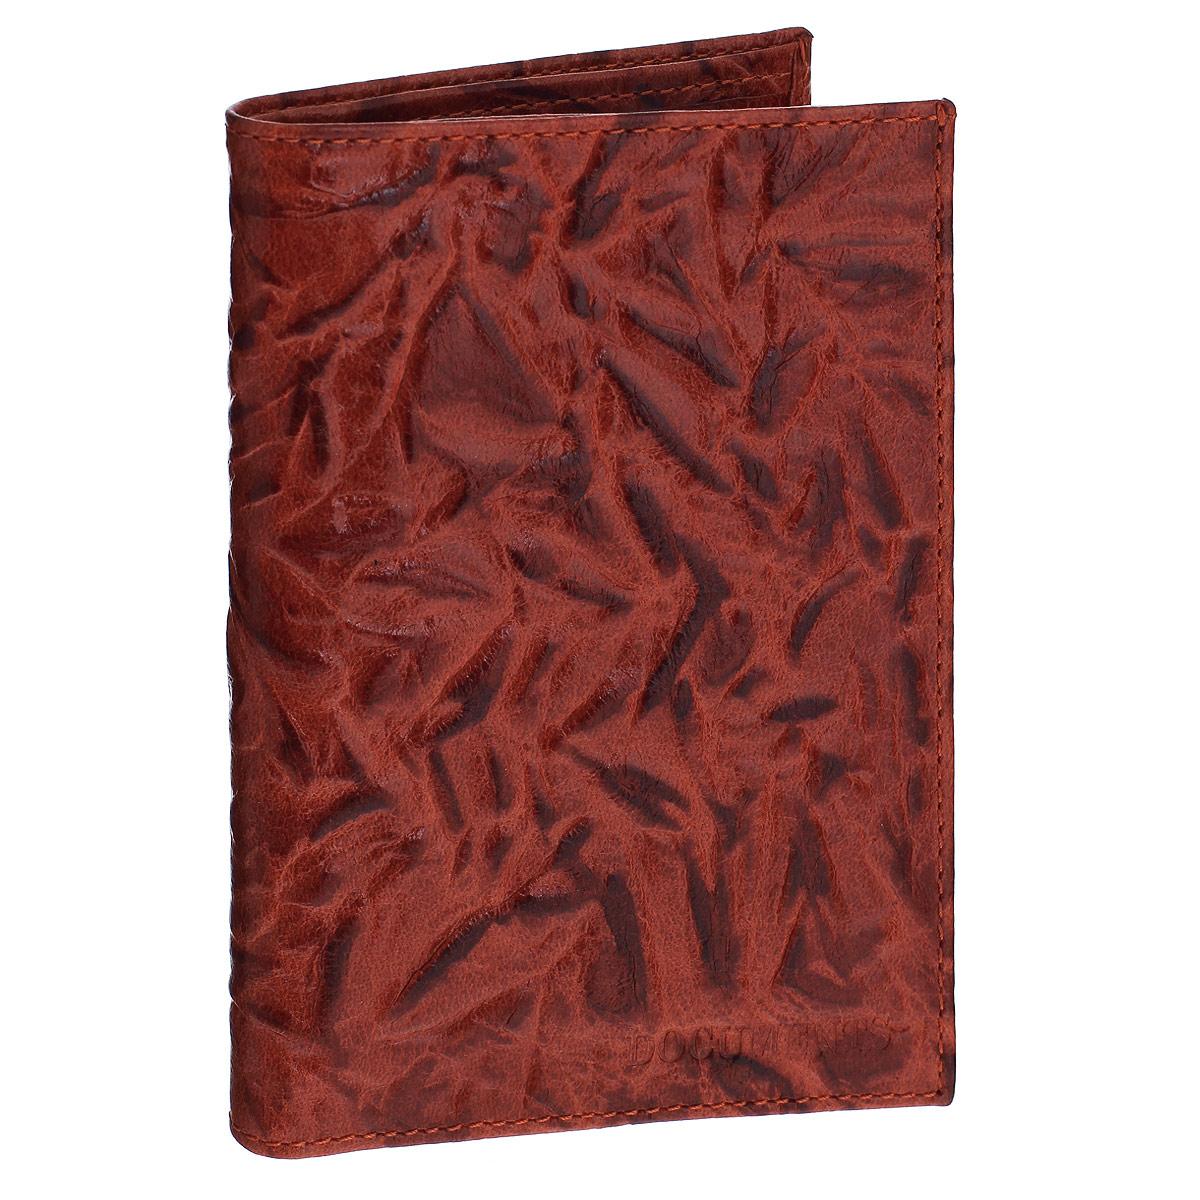 Бумажник водителя Askent Donna, цвет: коричнево-красный. BV.26.DNW16-11135_914Бумажник водителя Askent Donna выполнен из натуральной кожи с декоративным рельефным тиснением. Имеет внутри два кармана из кожи, отделение для купюр, семь прорезных карманов для кредитных карт и внутренний блок из прозрачного пластика (6 карманов).Такой бумажник станет отличным подарком для человека, ценящего качественные и необычные вещи.